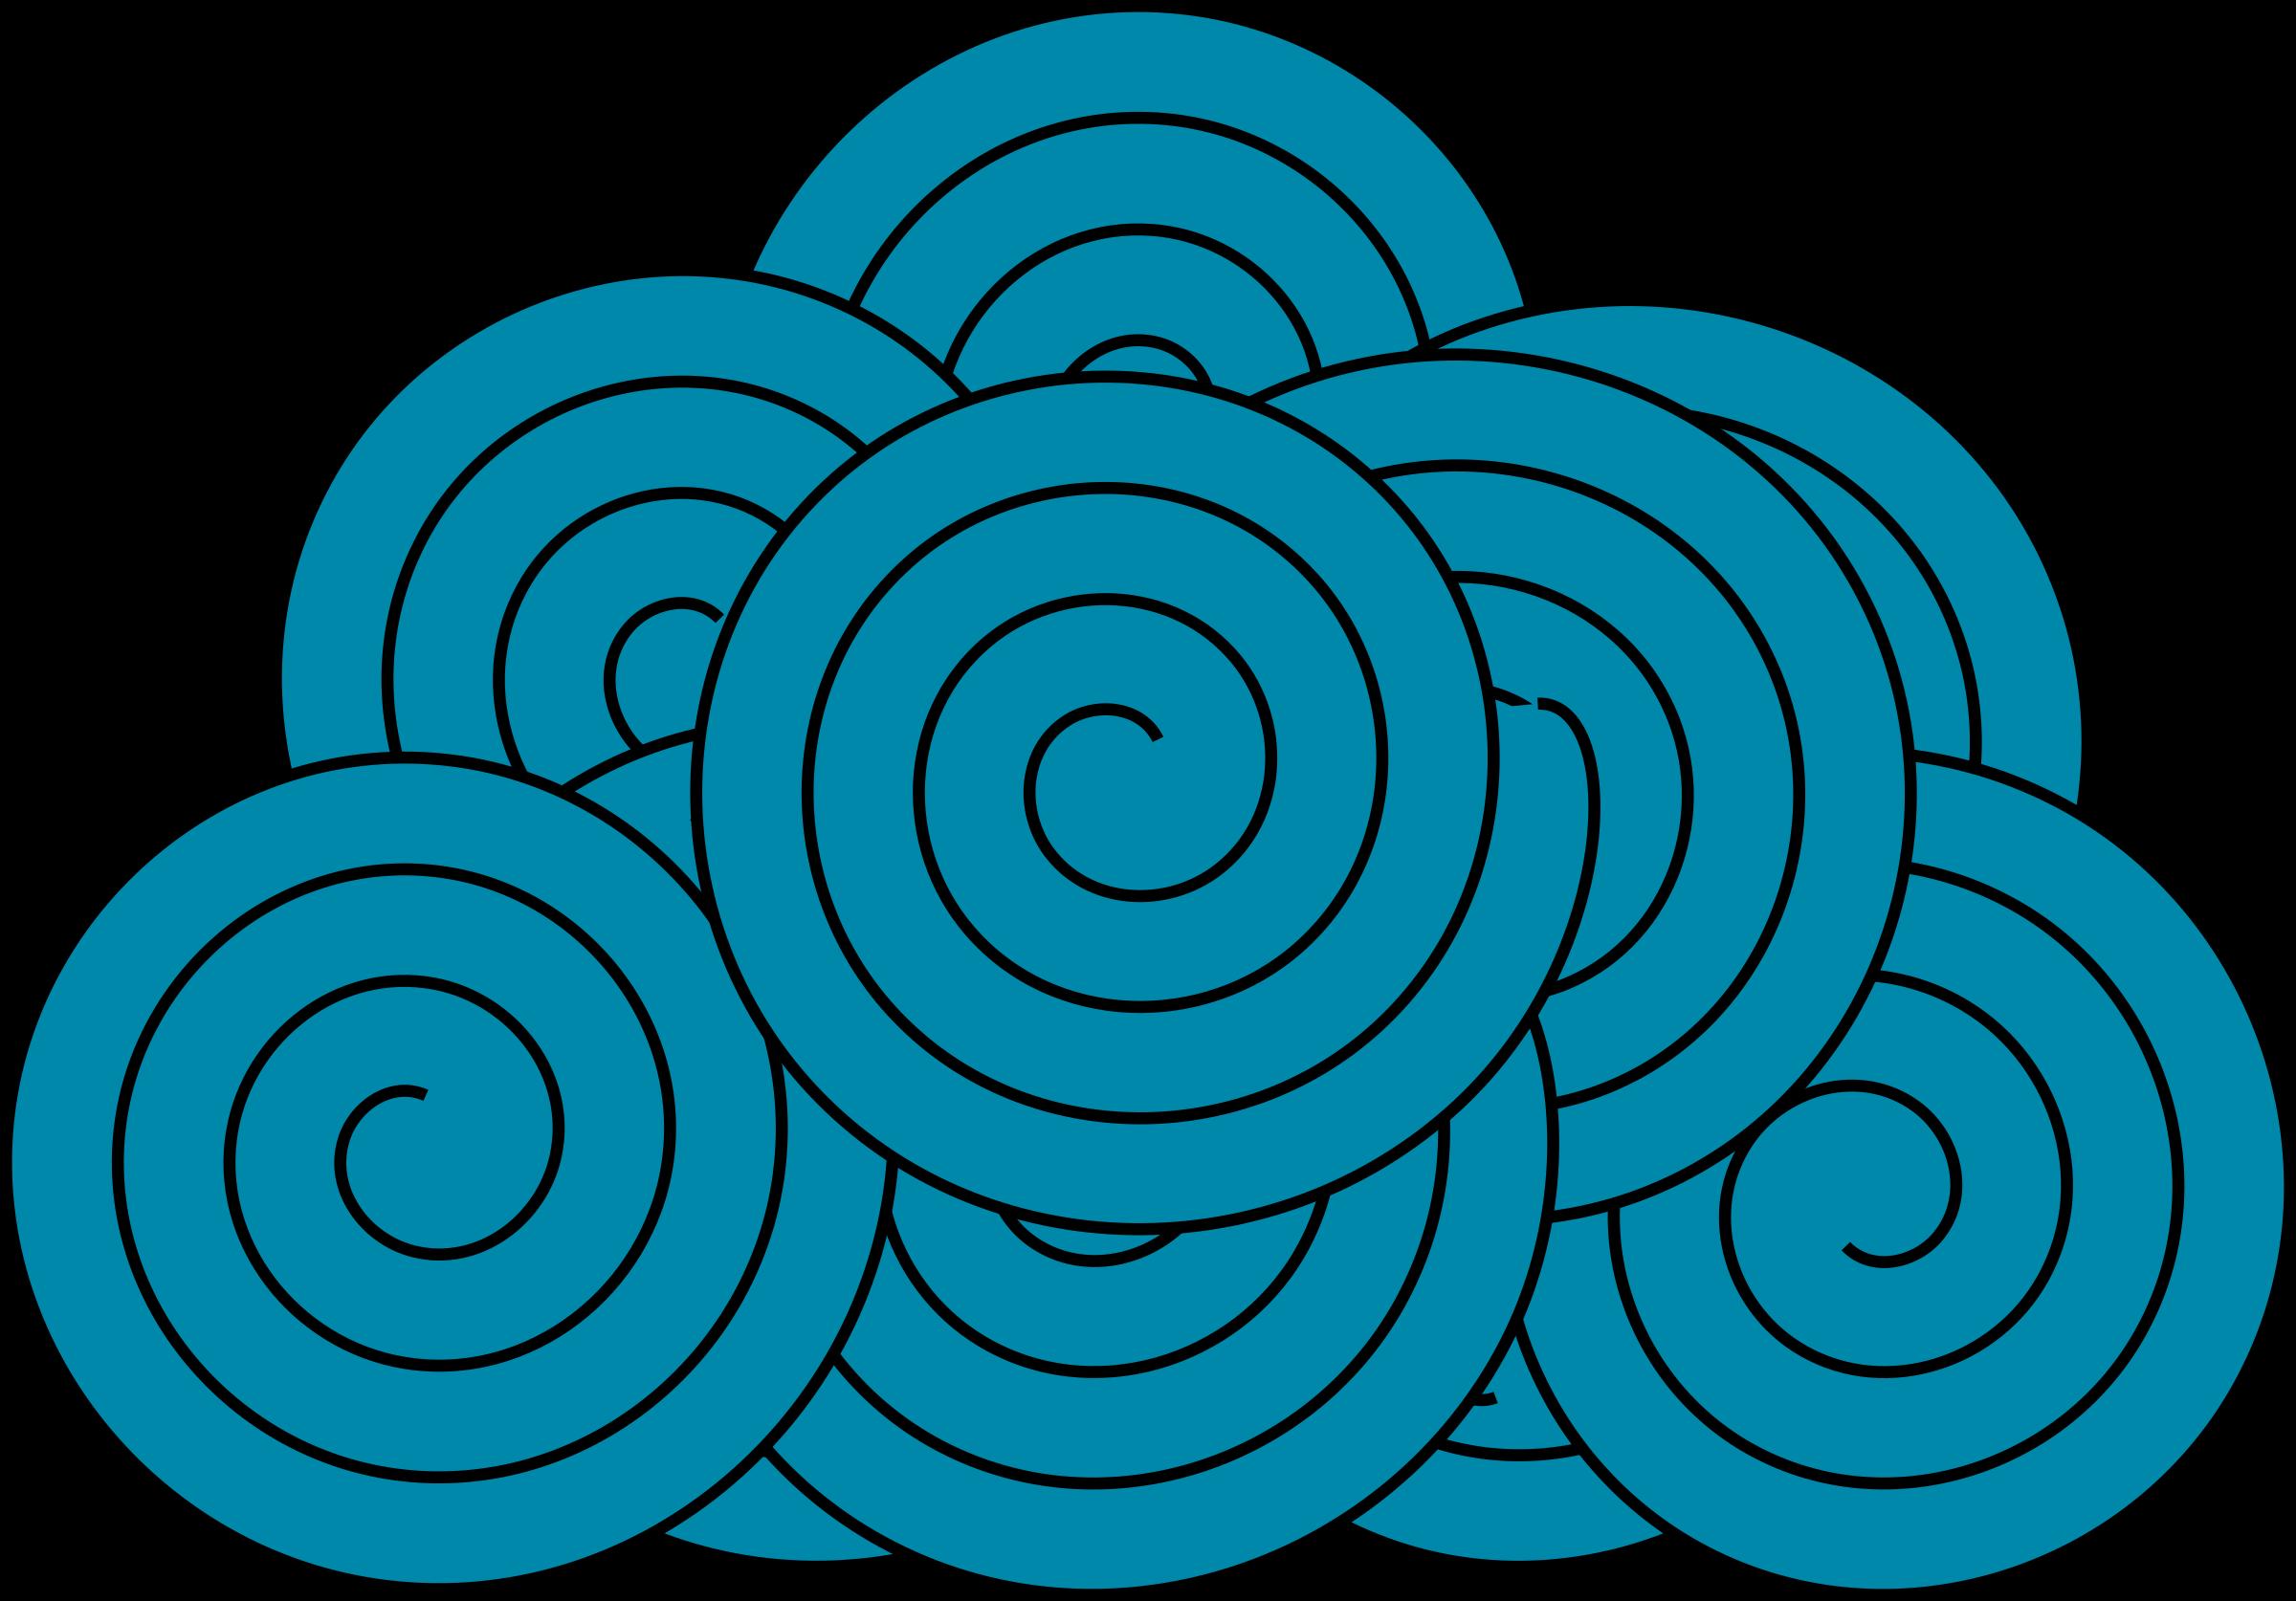 Textile Cloud Vector Clipart image.